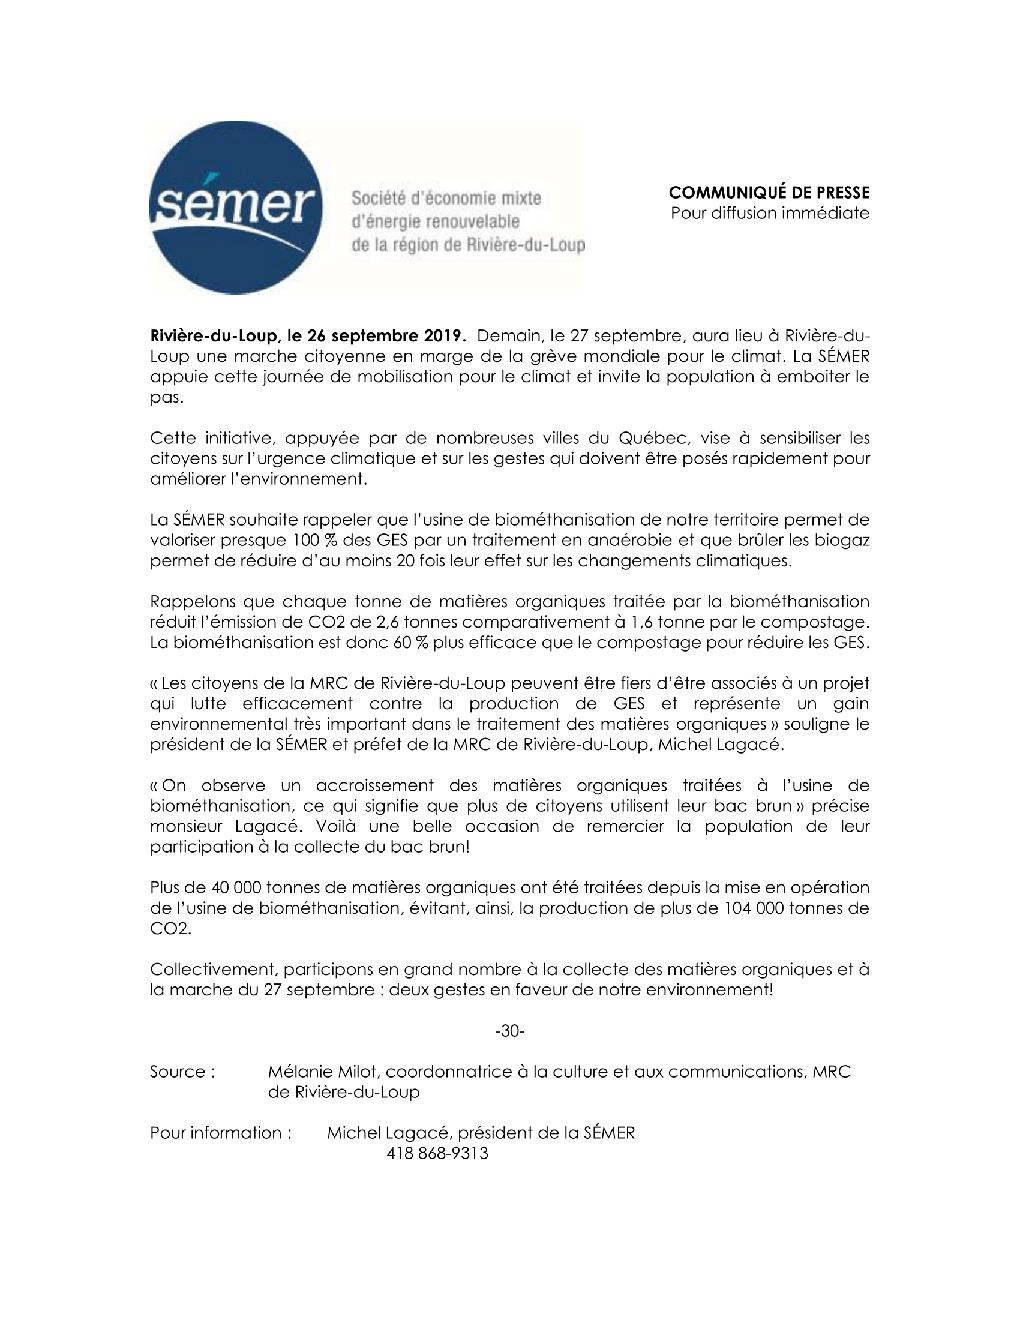 La SEMER appuie la marche citoyenne du 27 septembre 2019